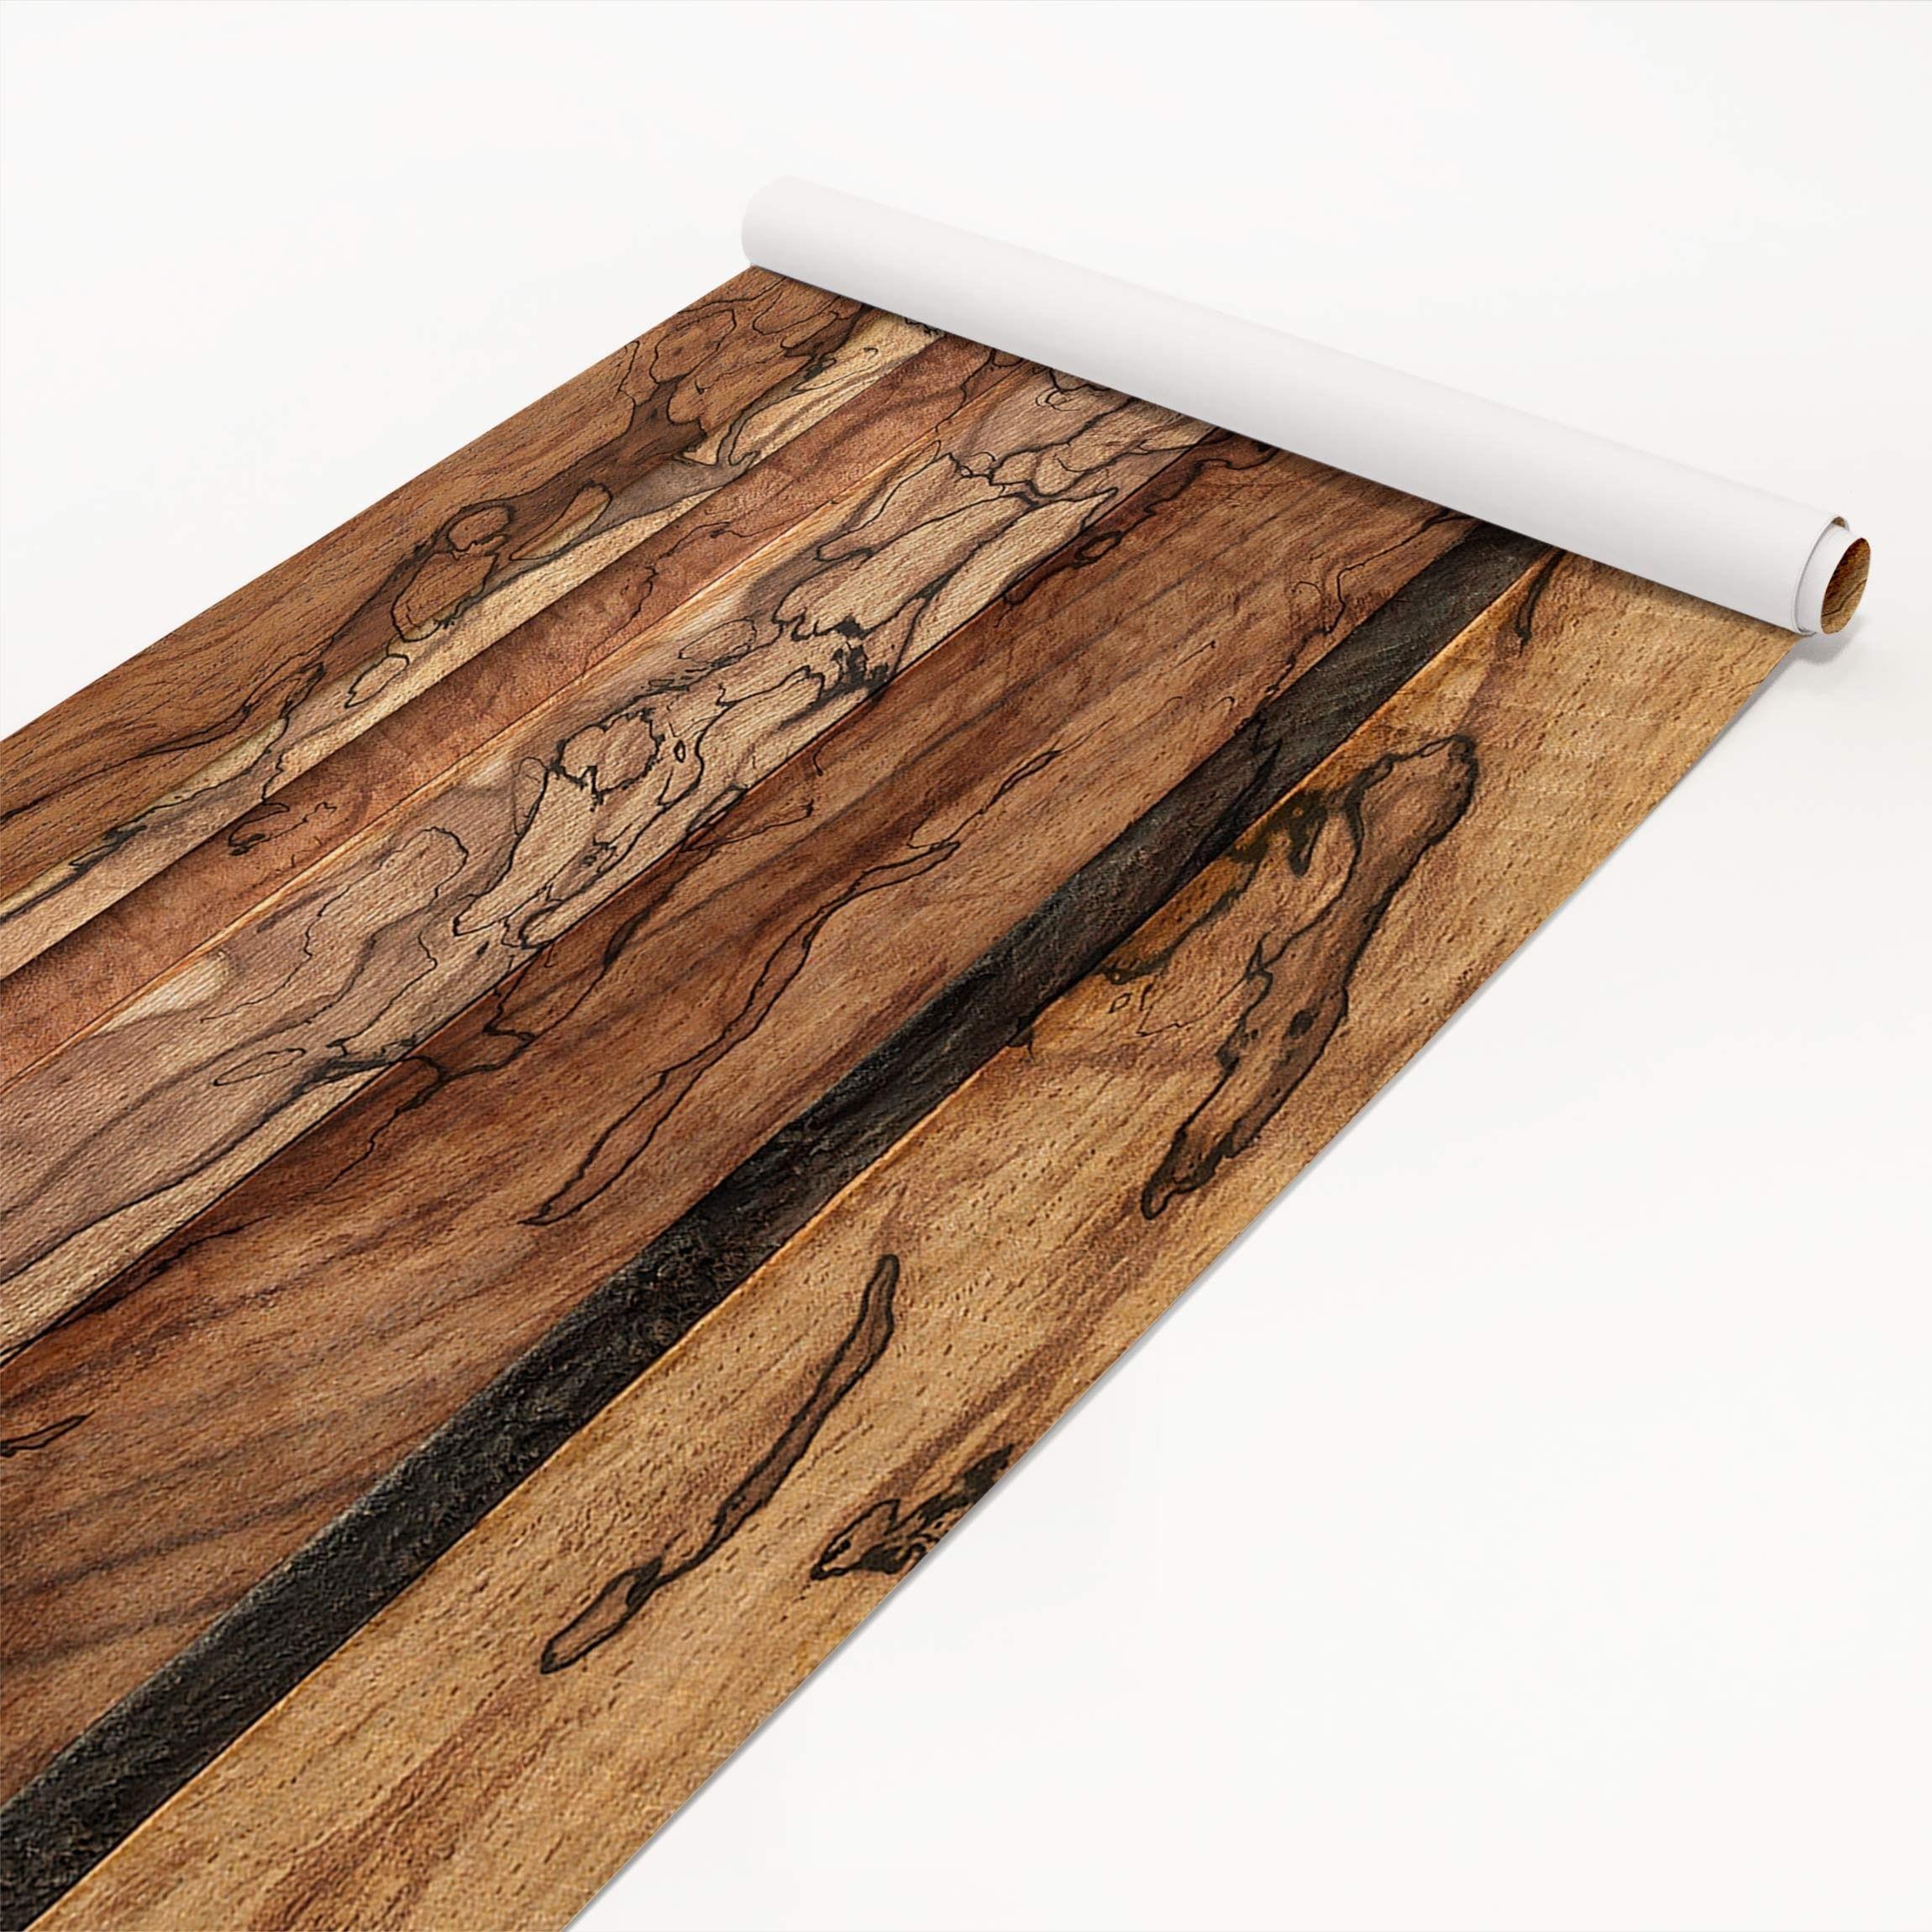 klebefolie holzoptik holzwand flamed dekorfolie holz ebay. Black Bedroom Furniture Sets. Home Design Ideas